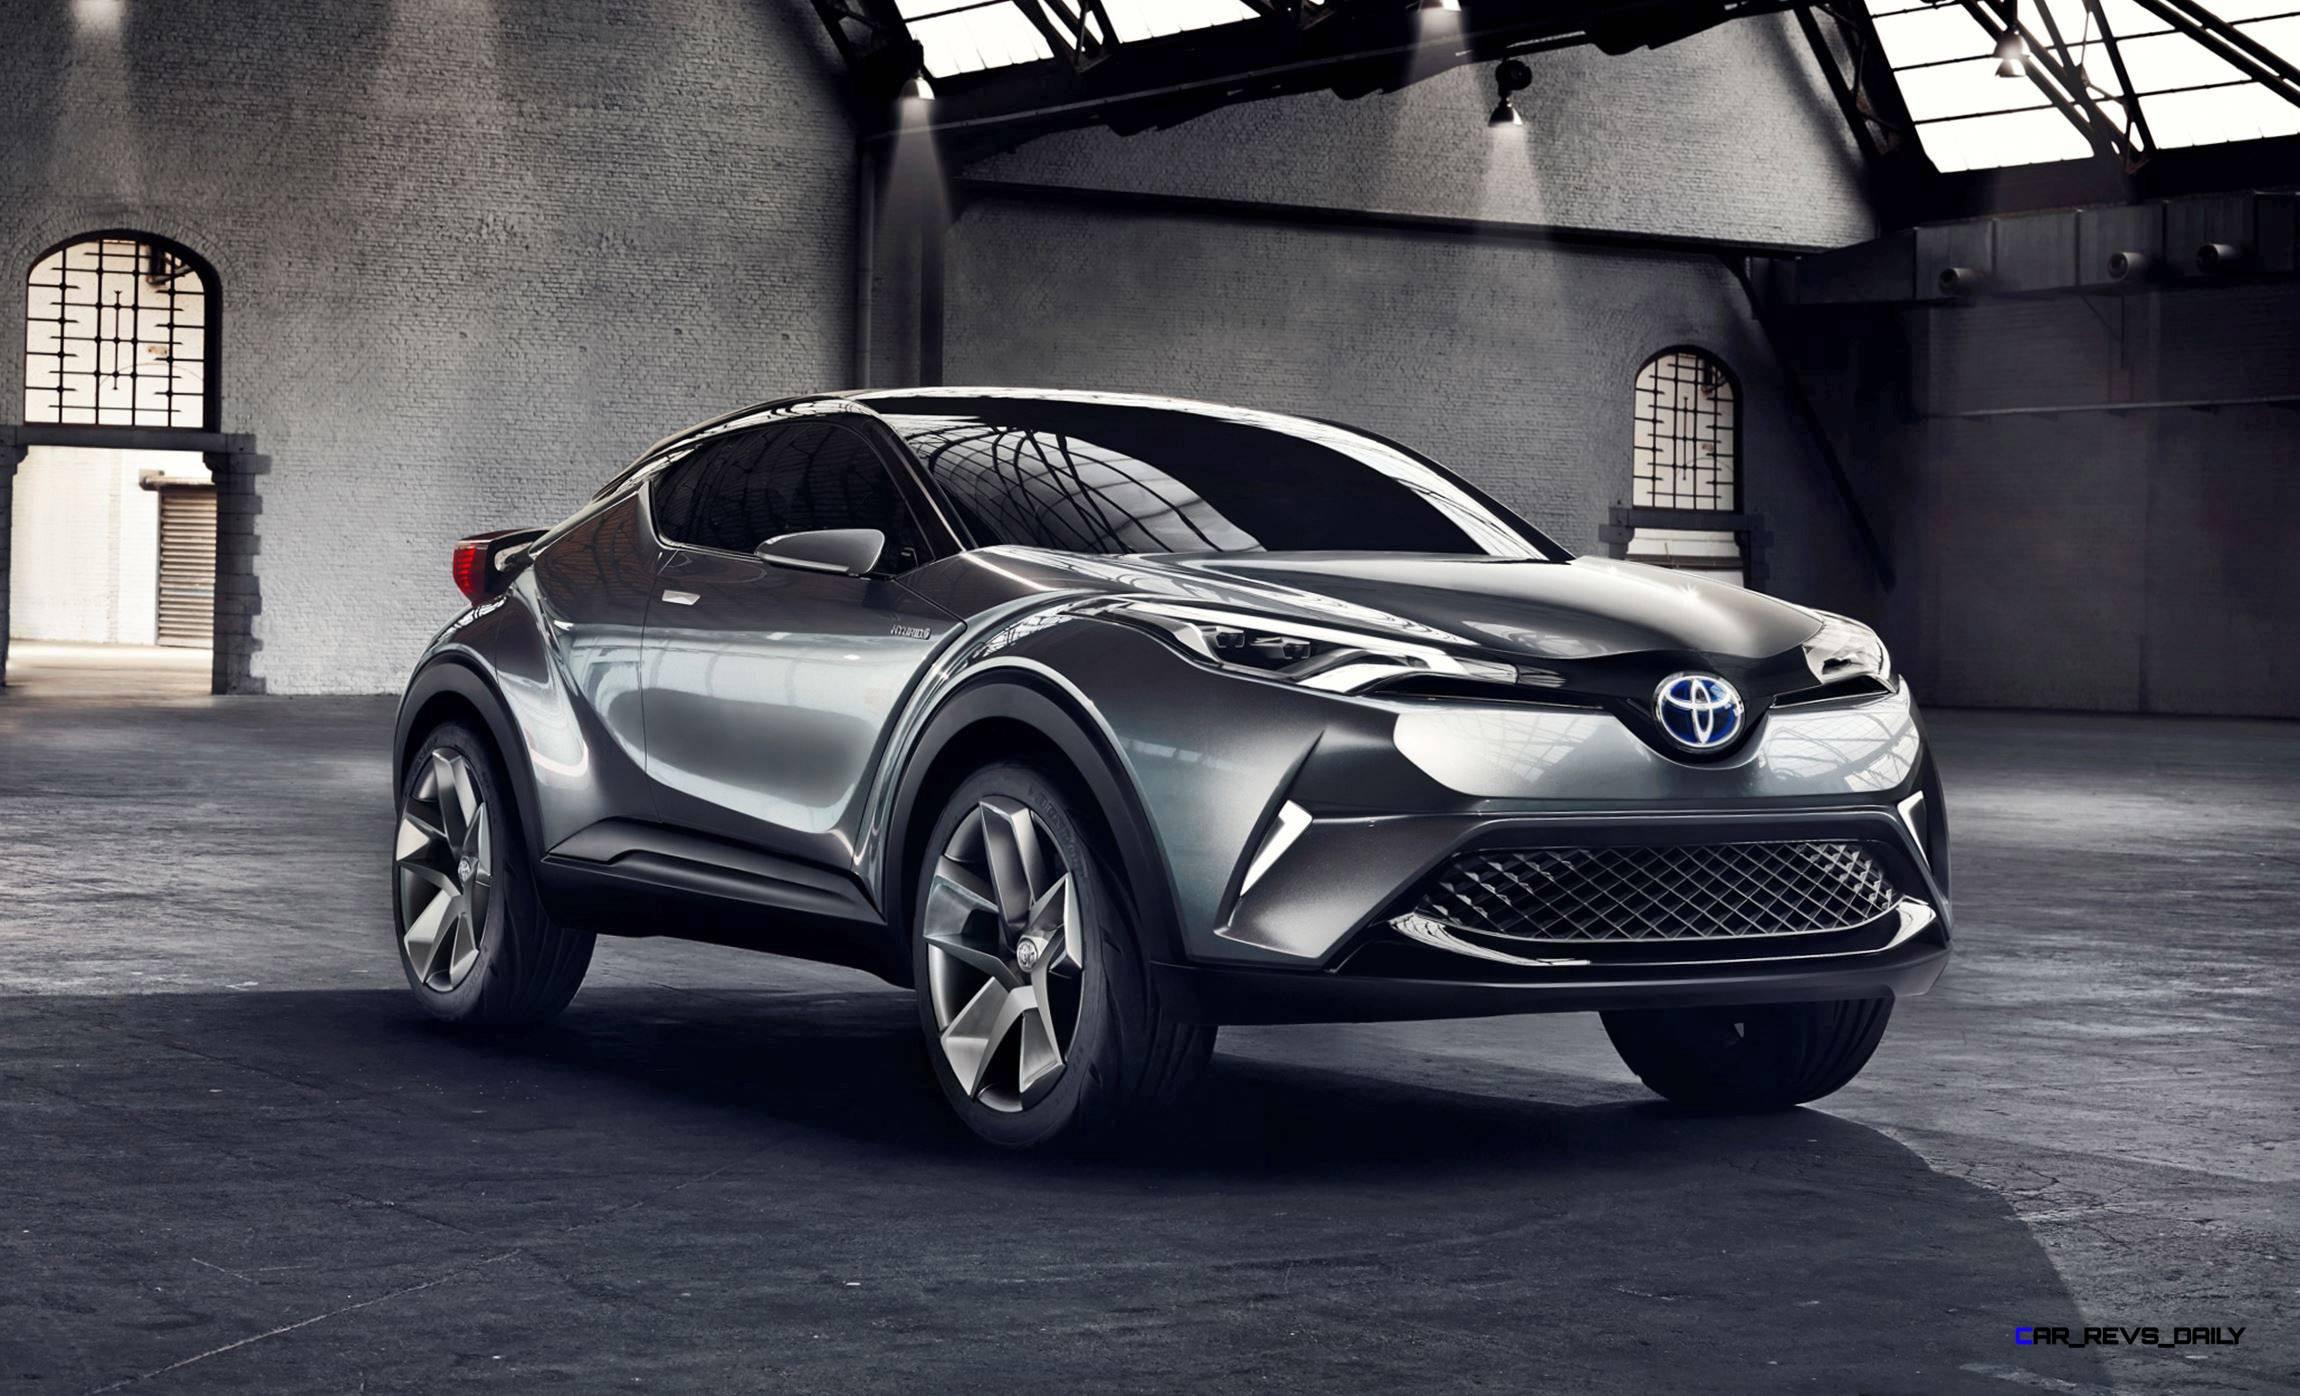 2015 Toyota C-HR Concept 4-Door 1